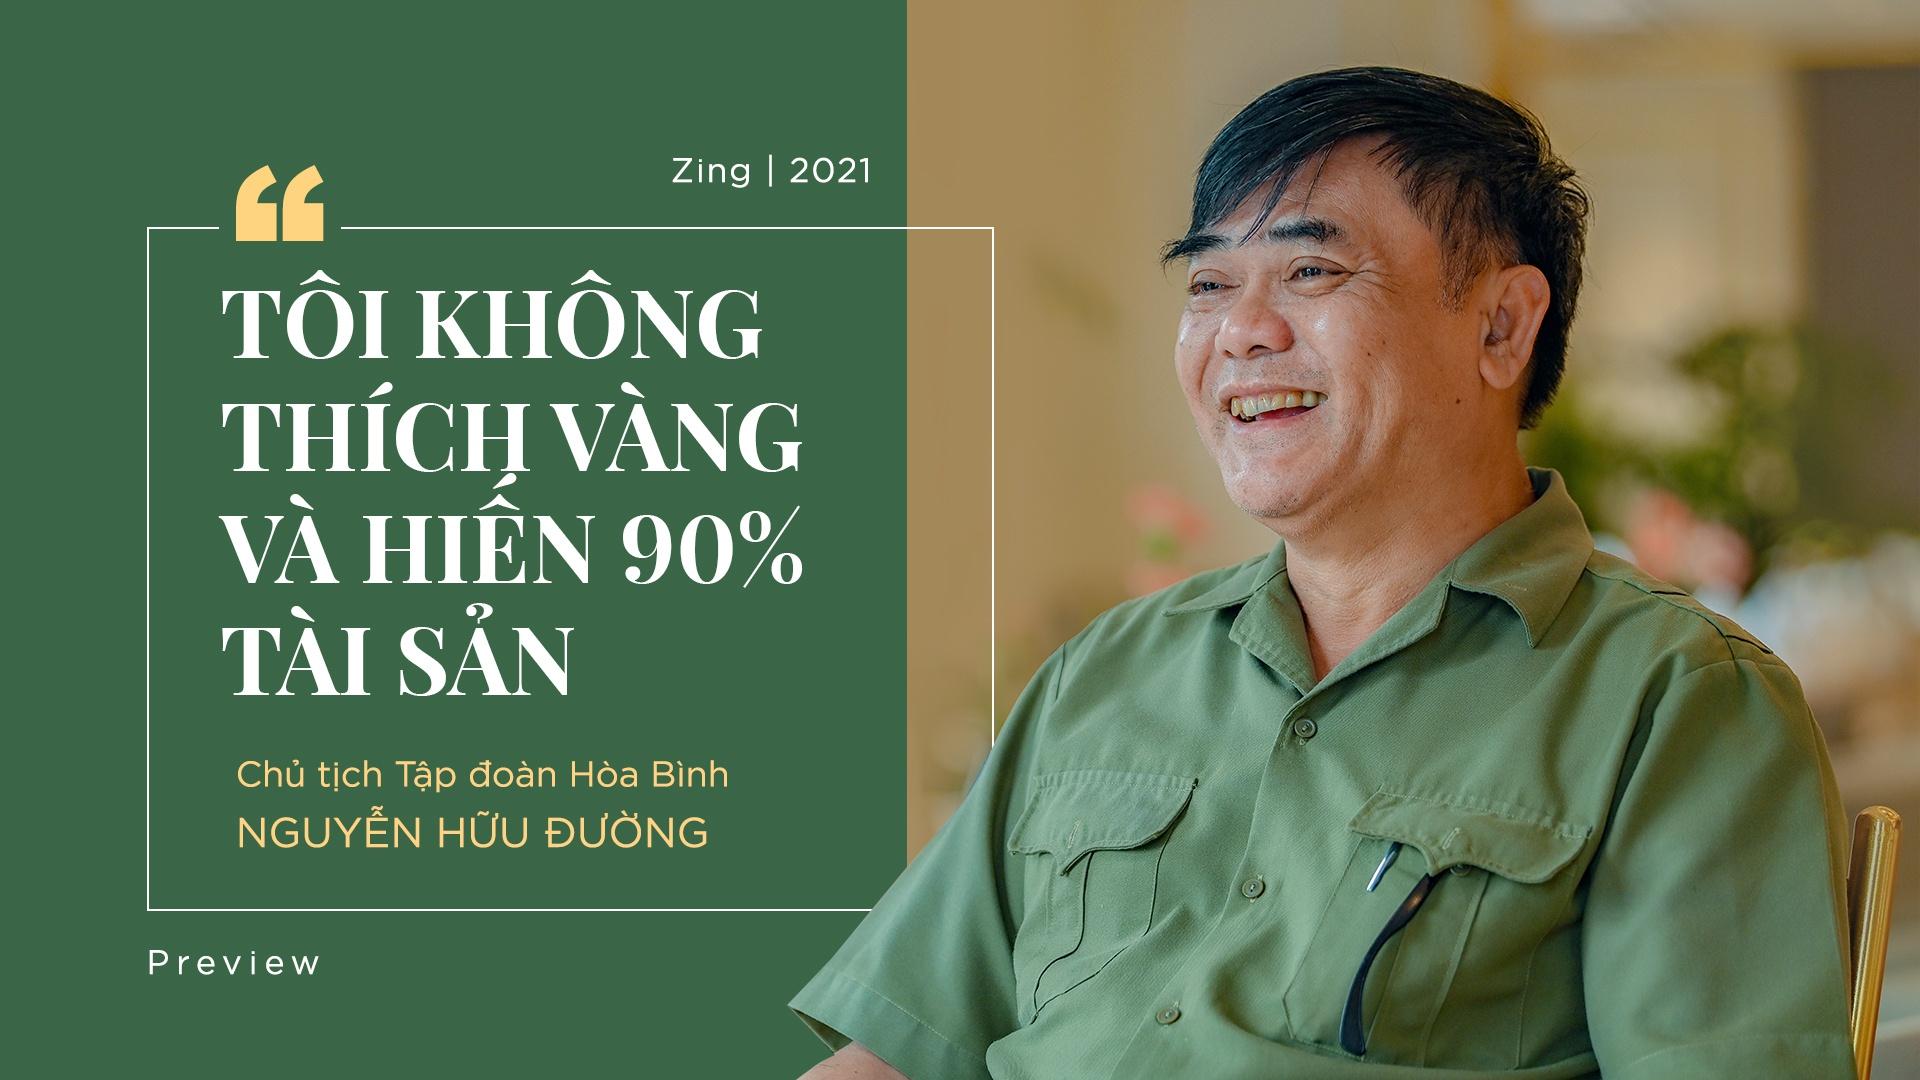 Chủ tịch Tập đoàn Hòa Bình: Không thích vàng và sẽ hiến 90% tài sản - Ảnh 1